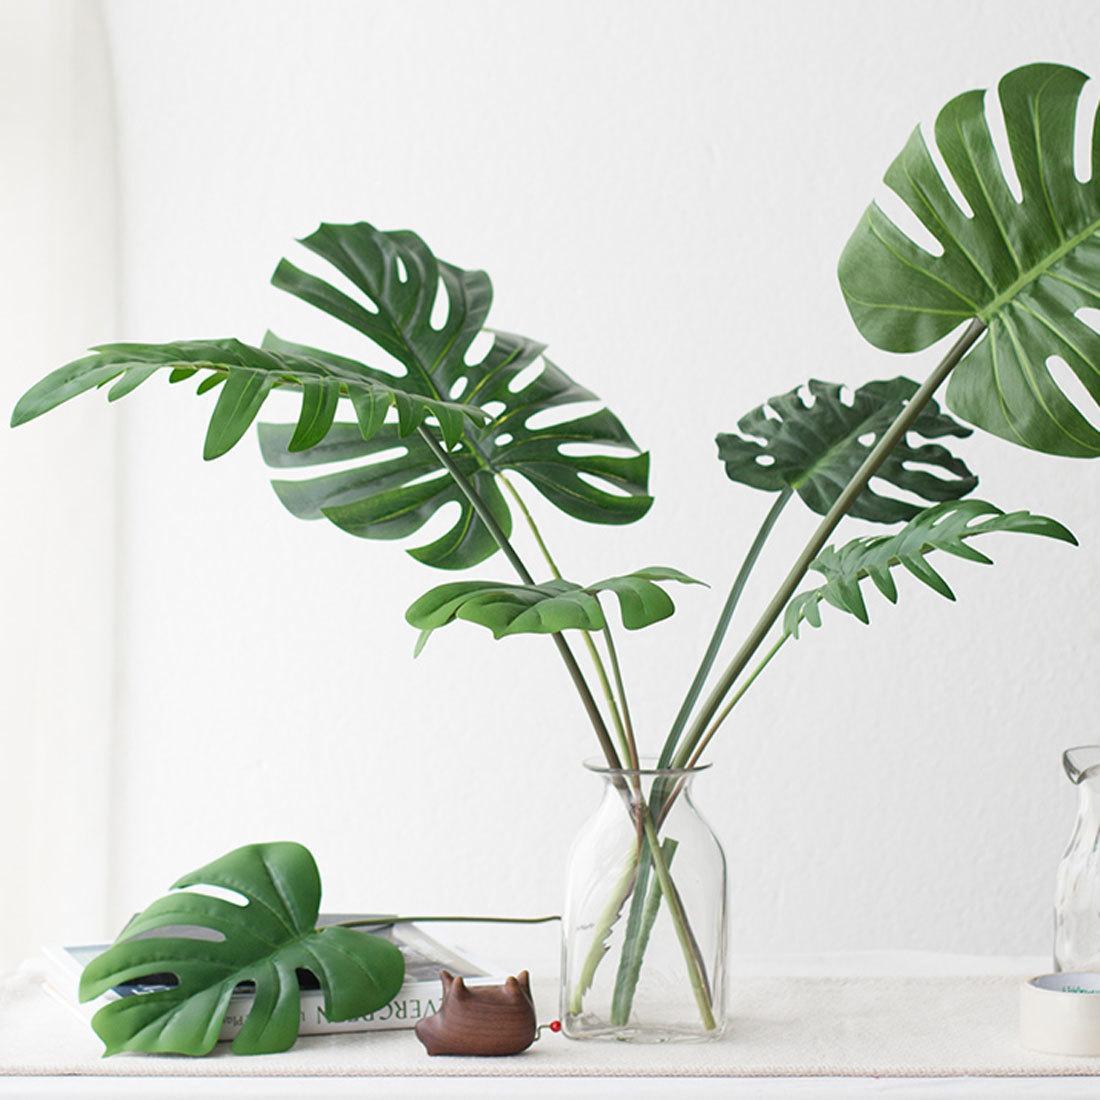 Grosshandel Kunstliche Pflanzen 5 10 Stucke Grosse Kunstliche